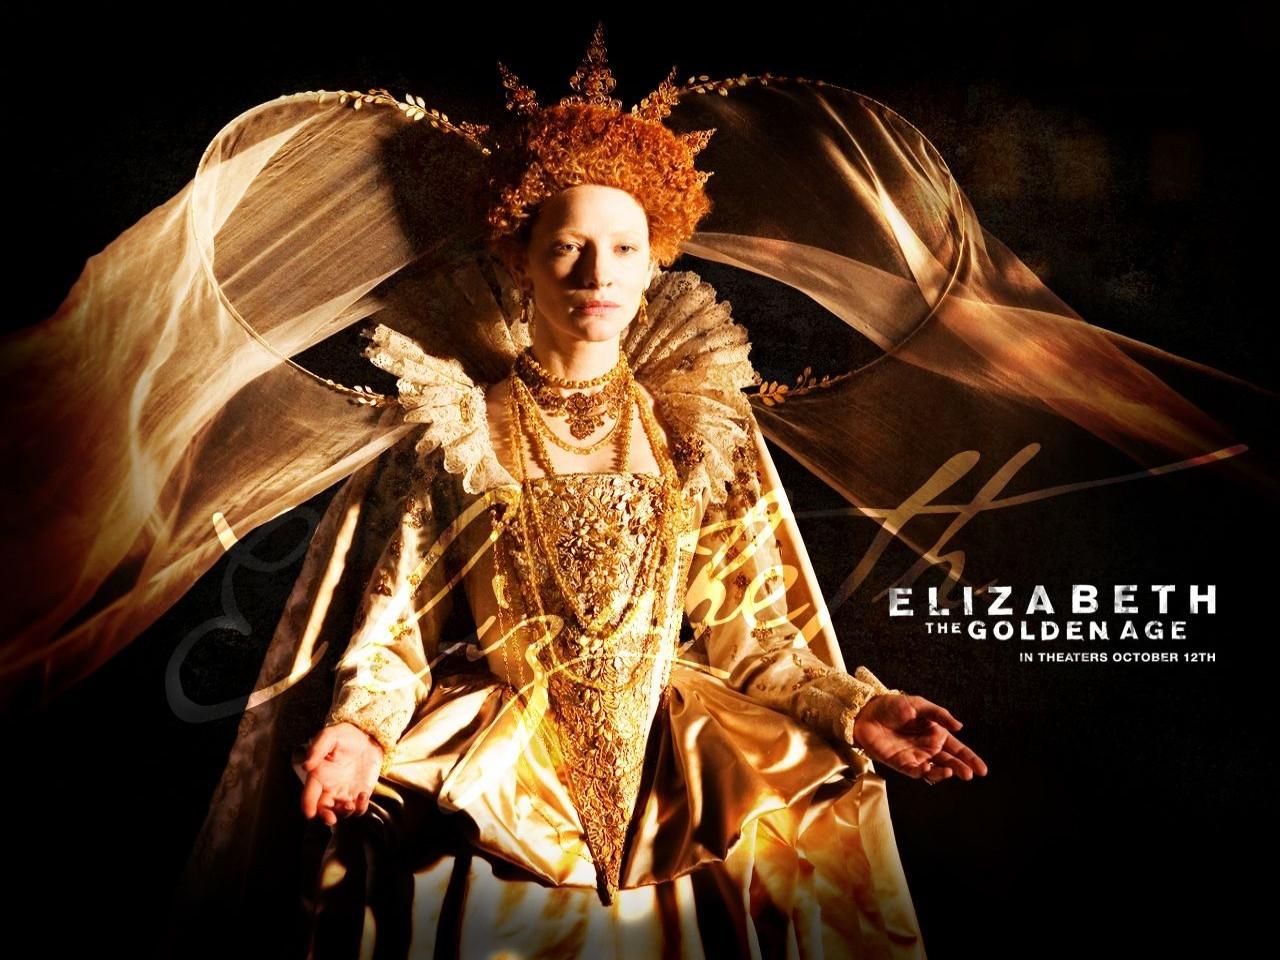 Wallpaper del film Elizabeth: The Golden Age con Cate Blanchett